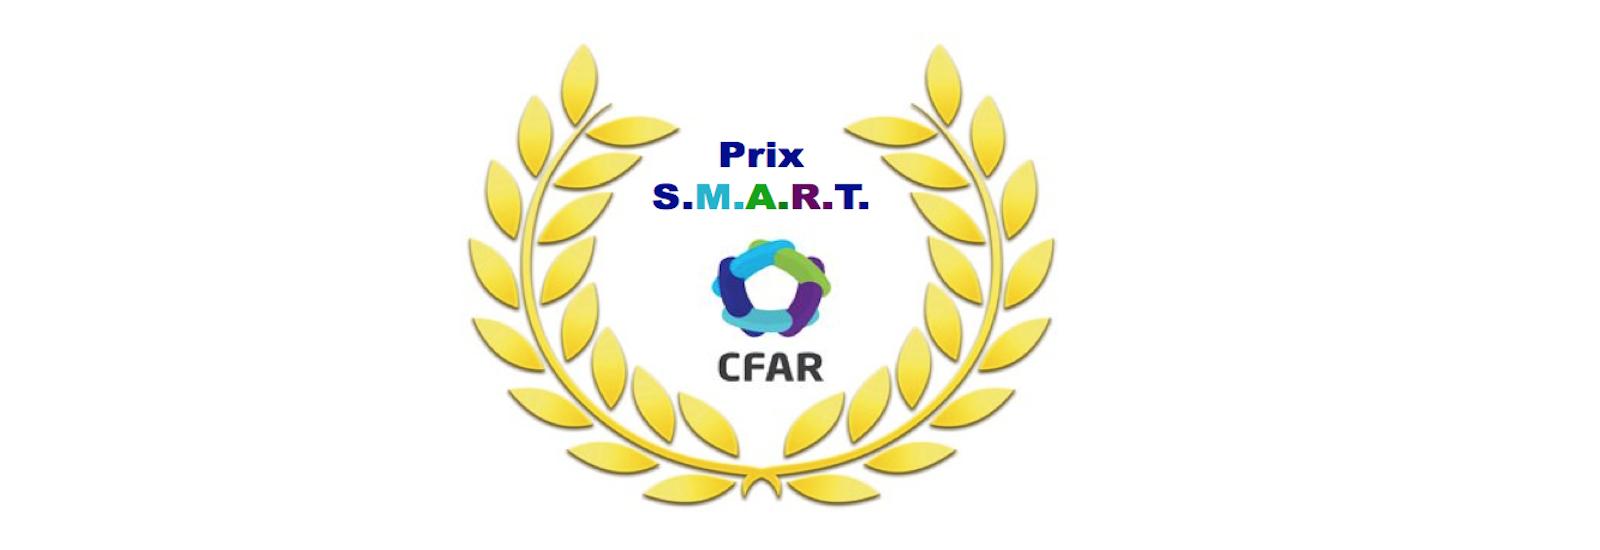 Prix SMART-CFAR : les travaux sur la santé au travail récompensés !